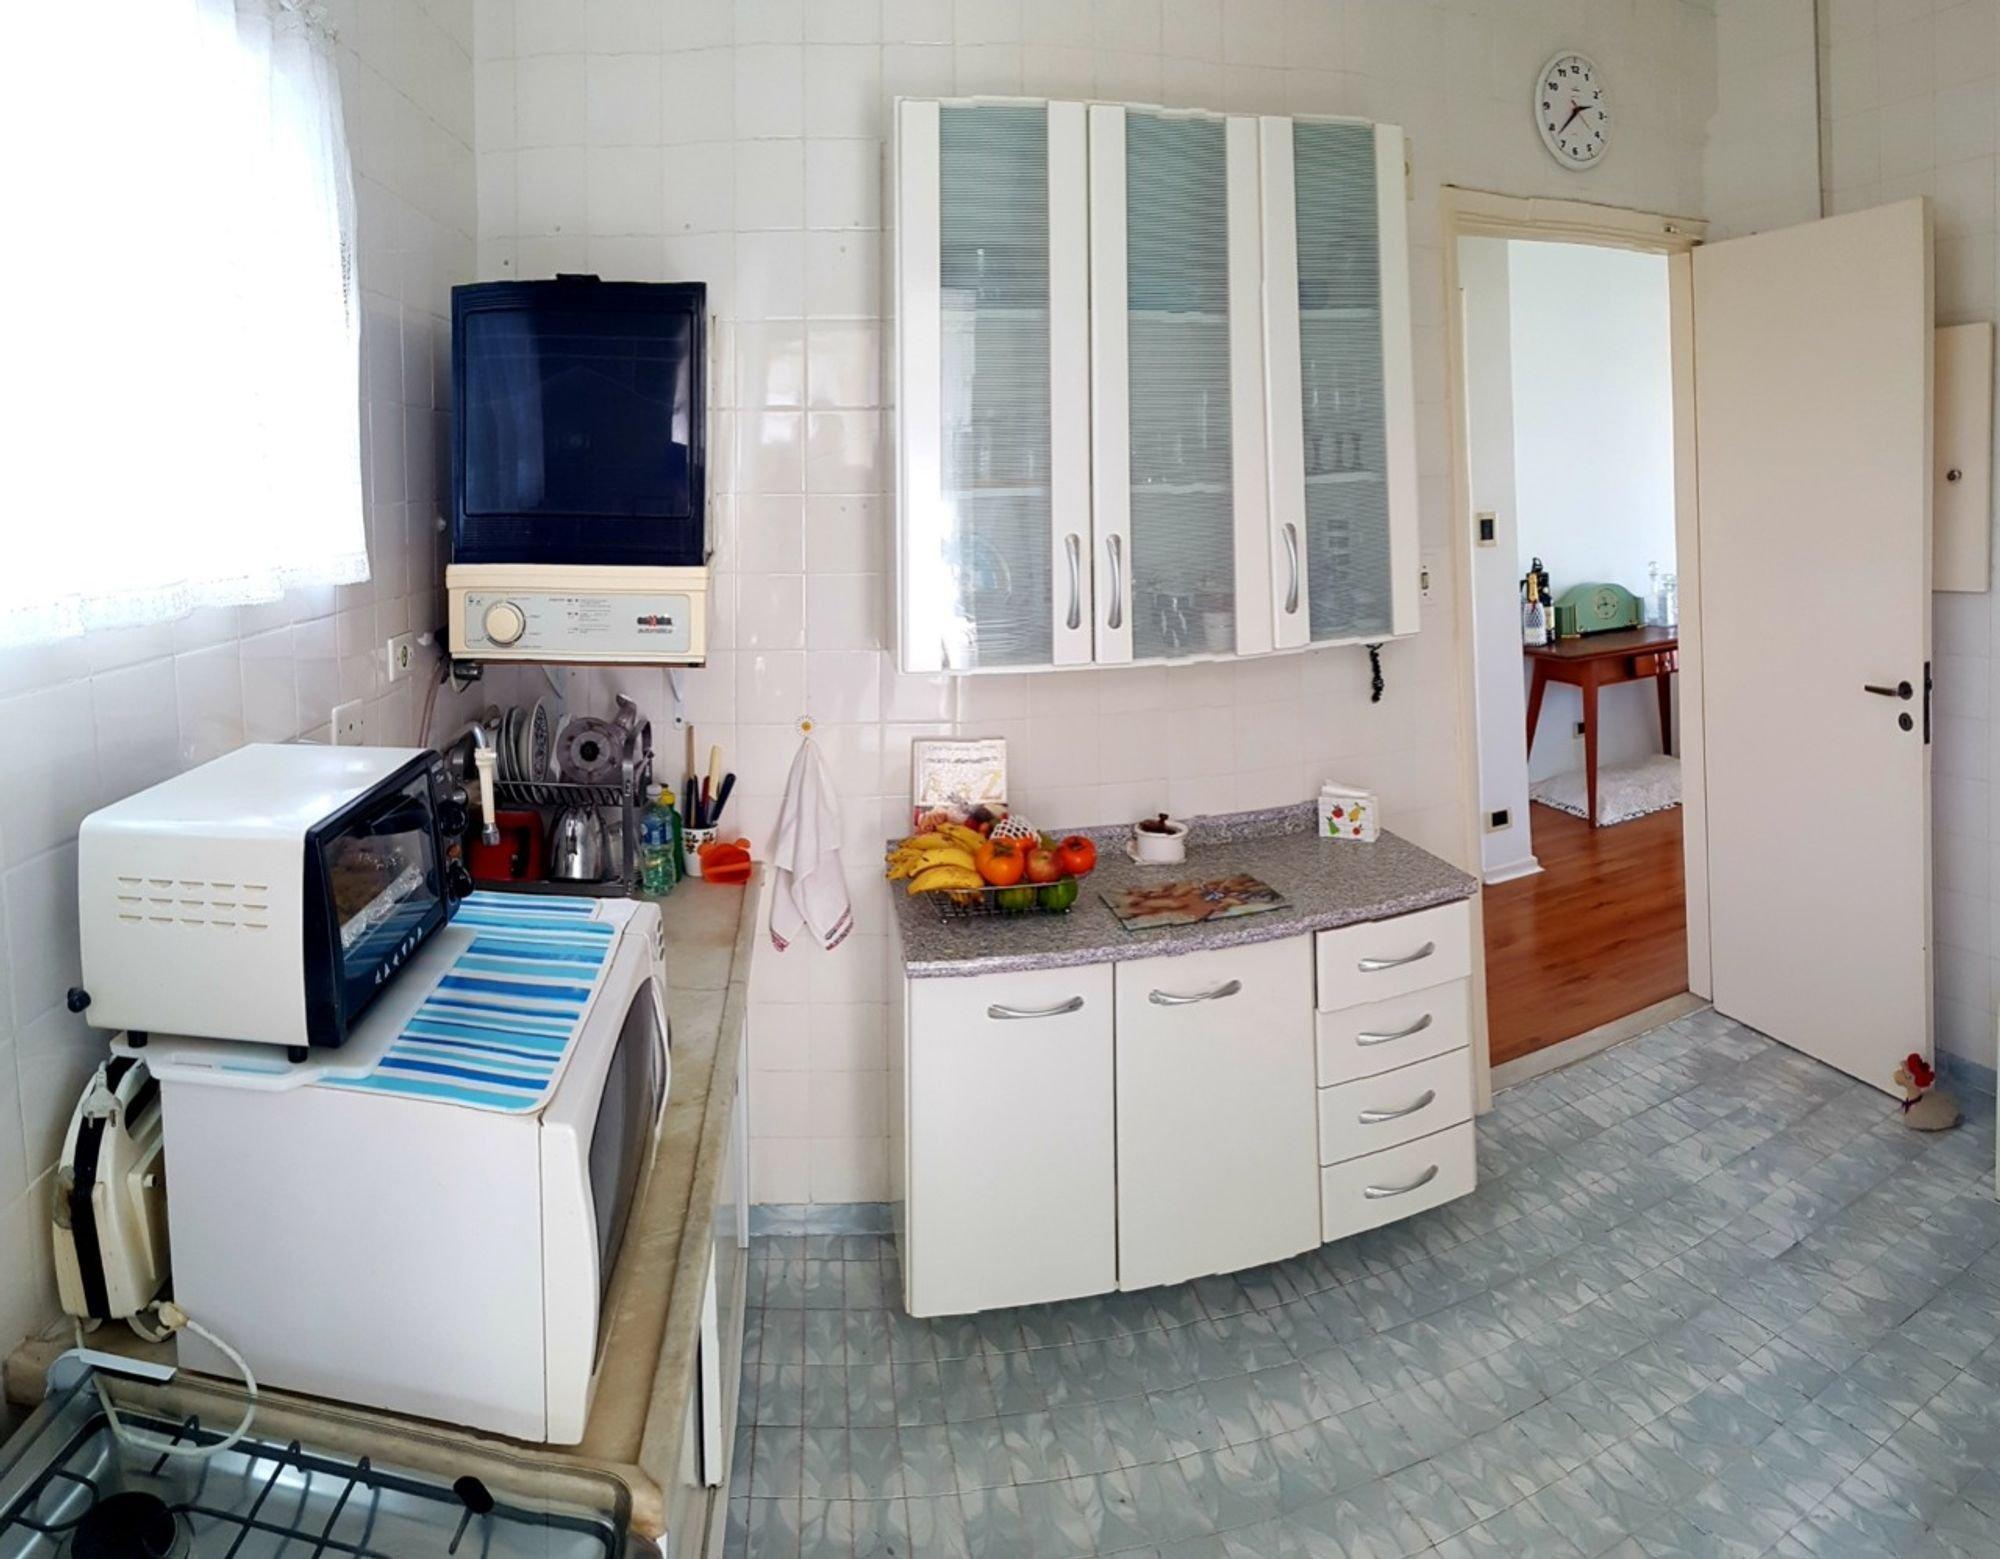 Foto de Cozinha com microondas, relógio, garrafa